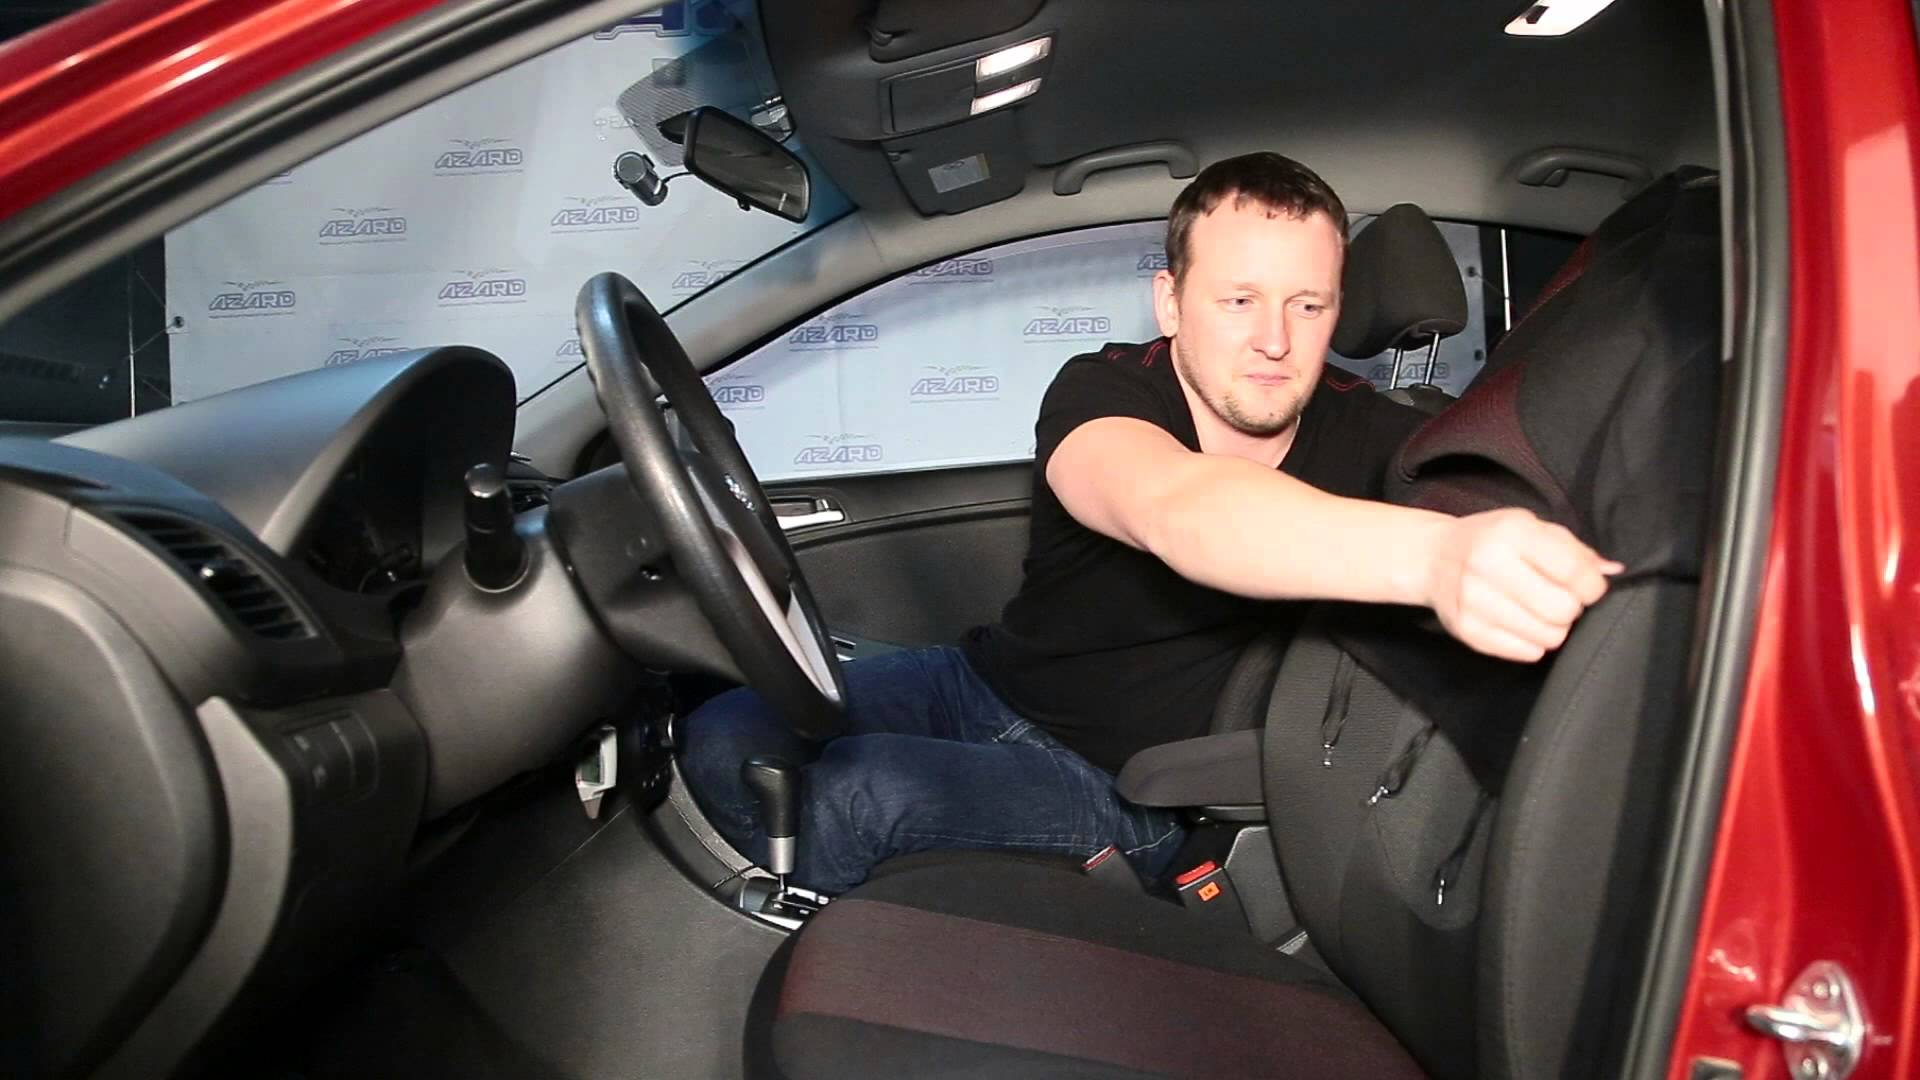 Как надеть чехлы на сиденья автомобиля?